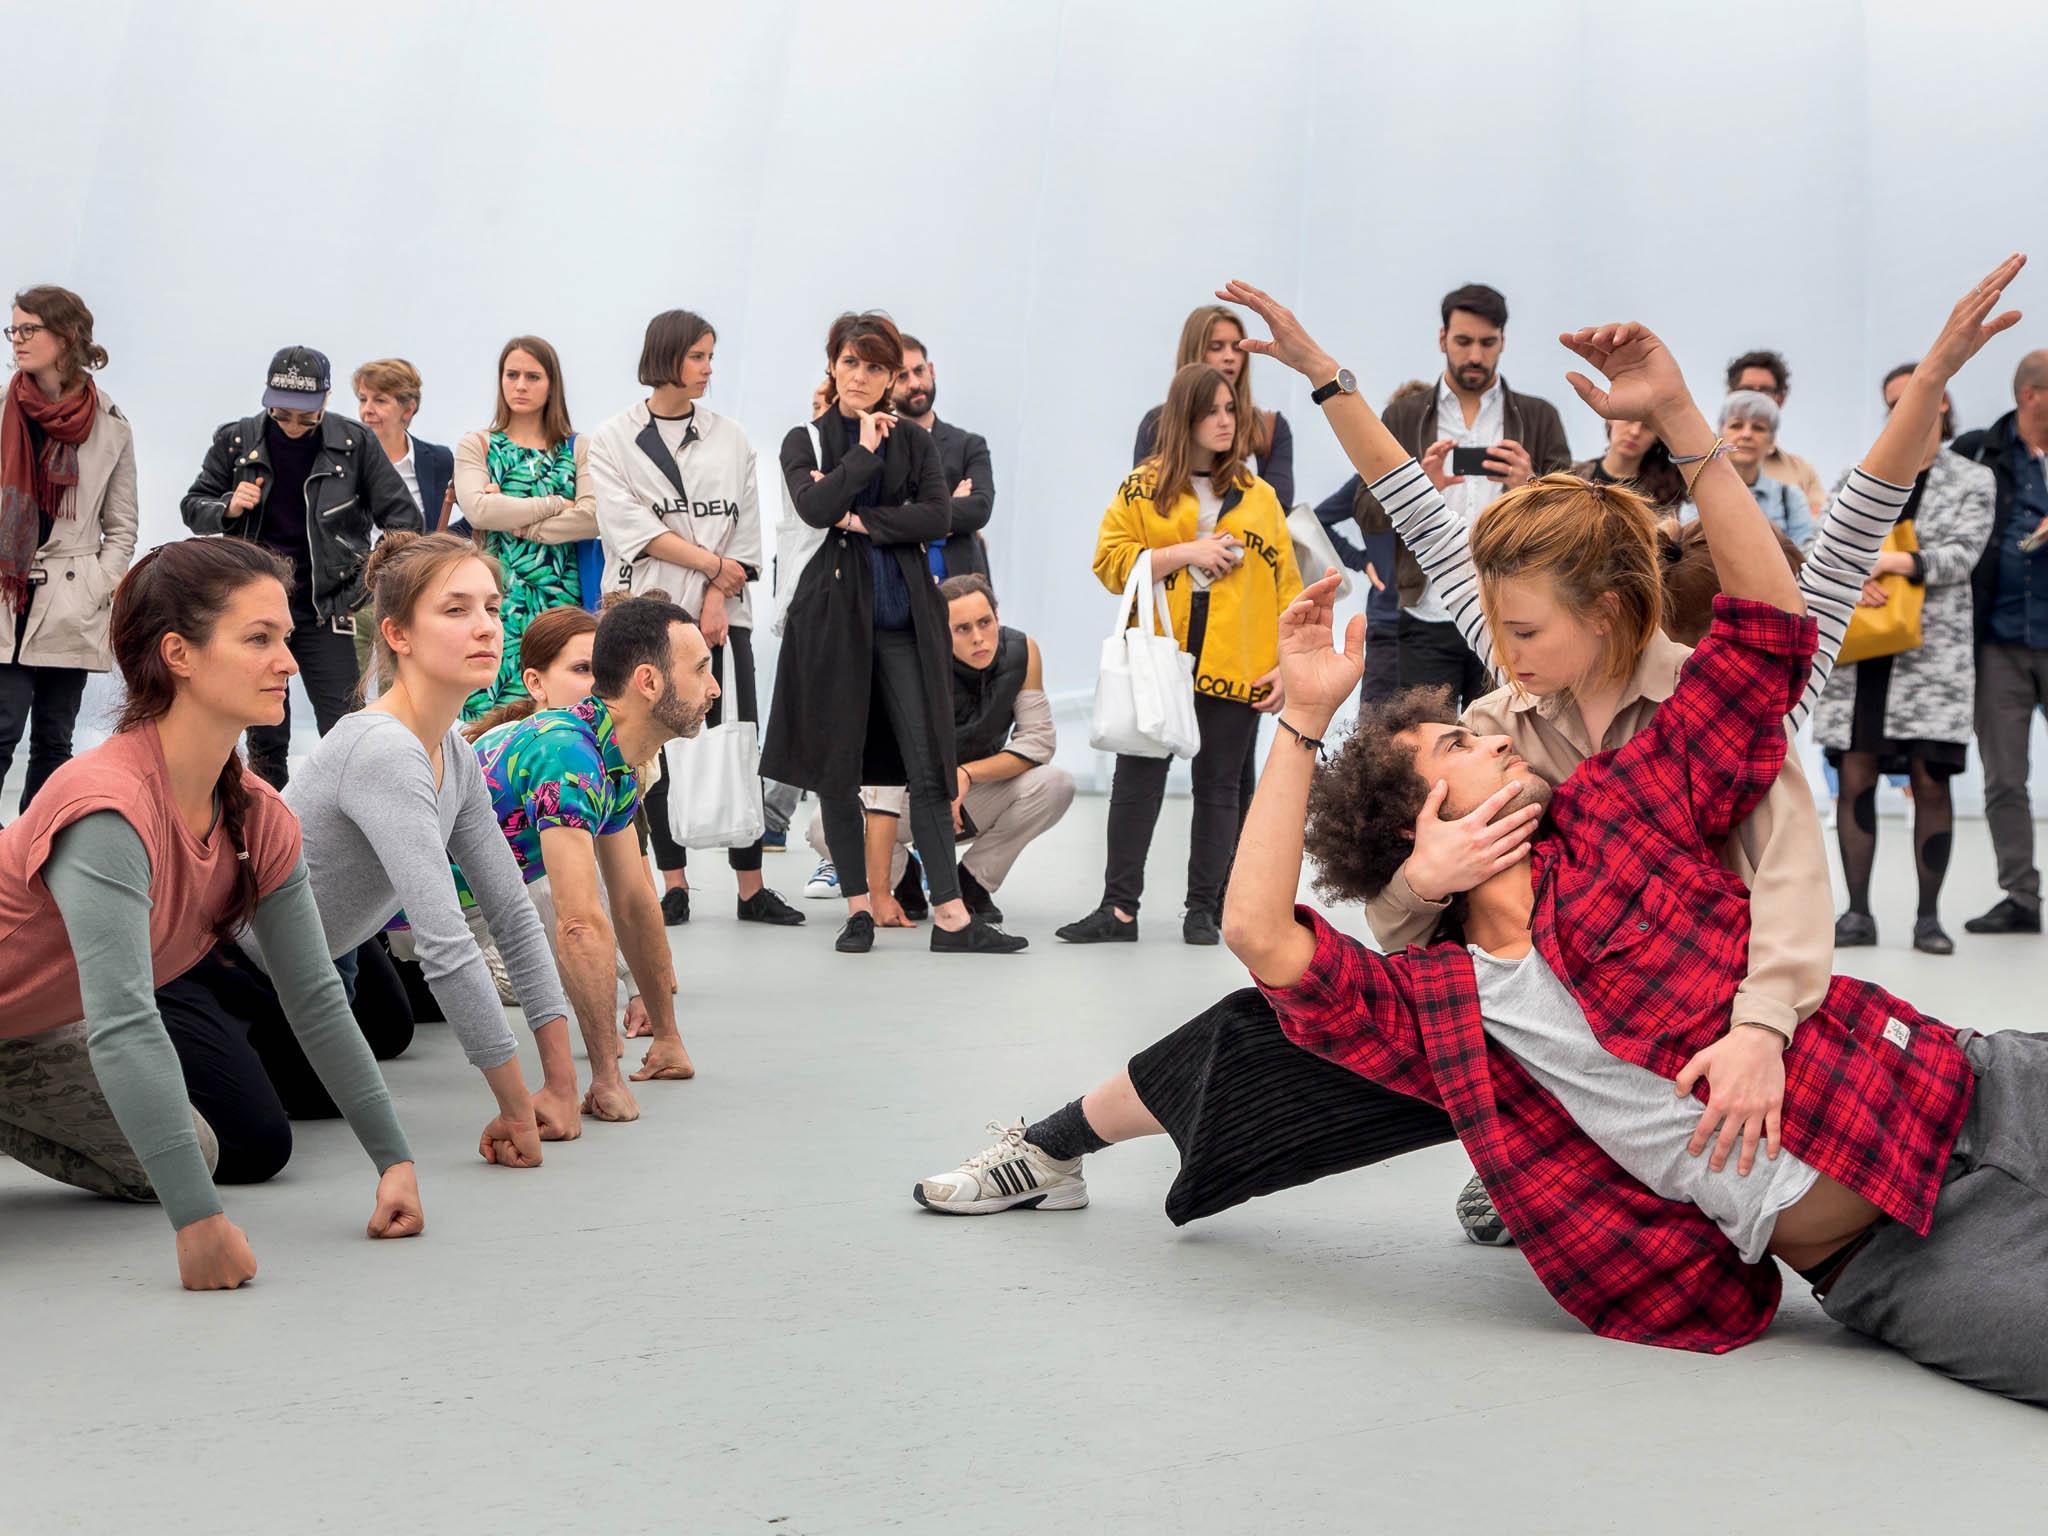 Nejvýznamnější veletrh Art Basel oznámil nový termín konání 17.–20. září.